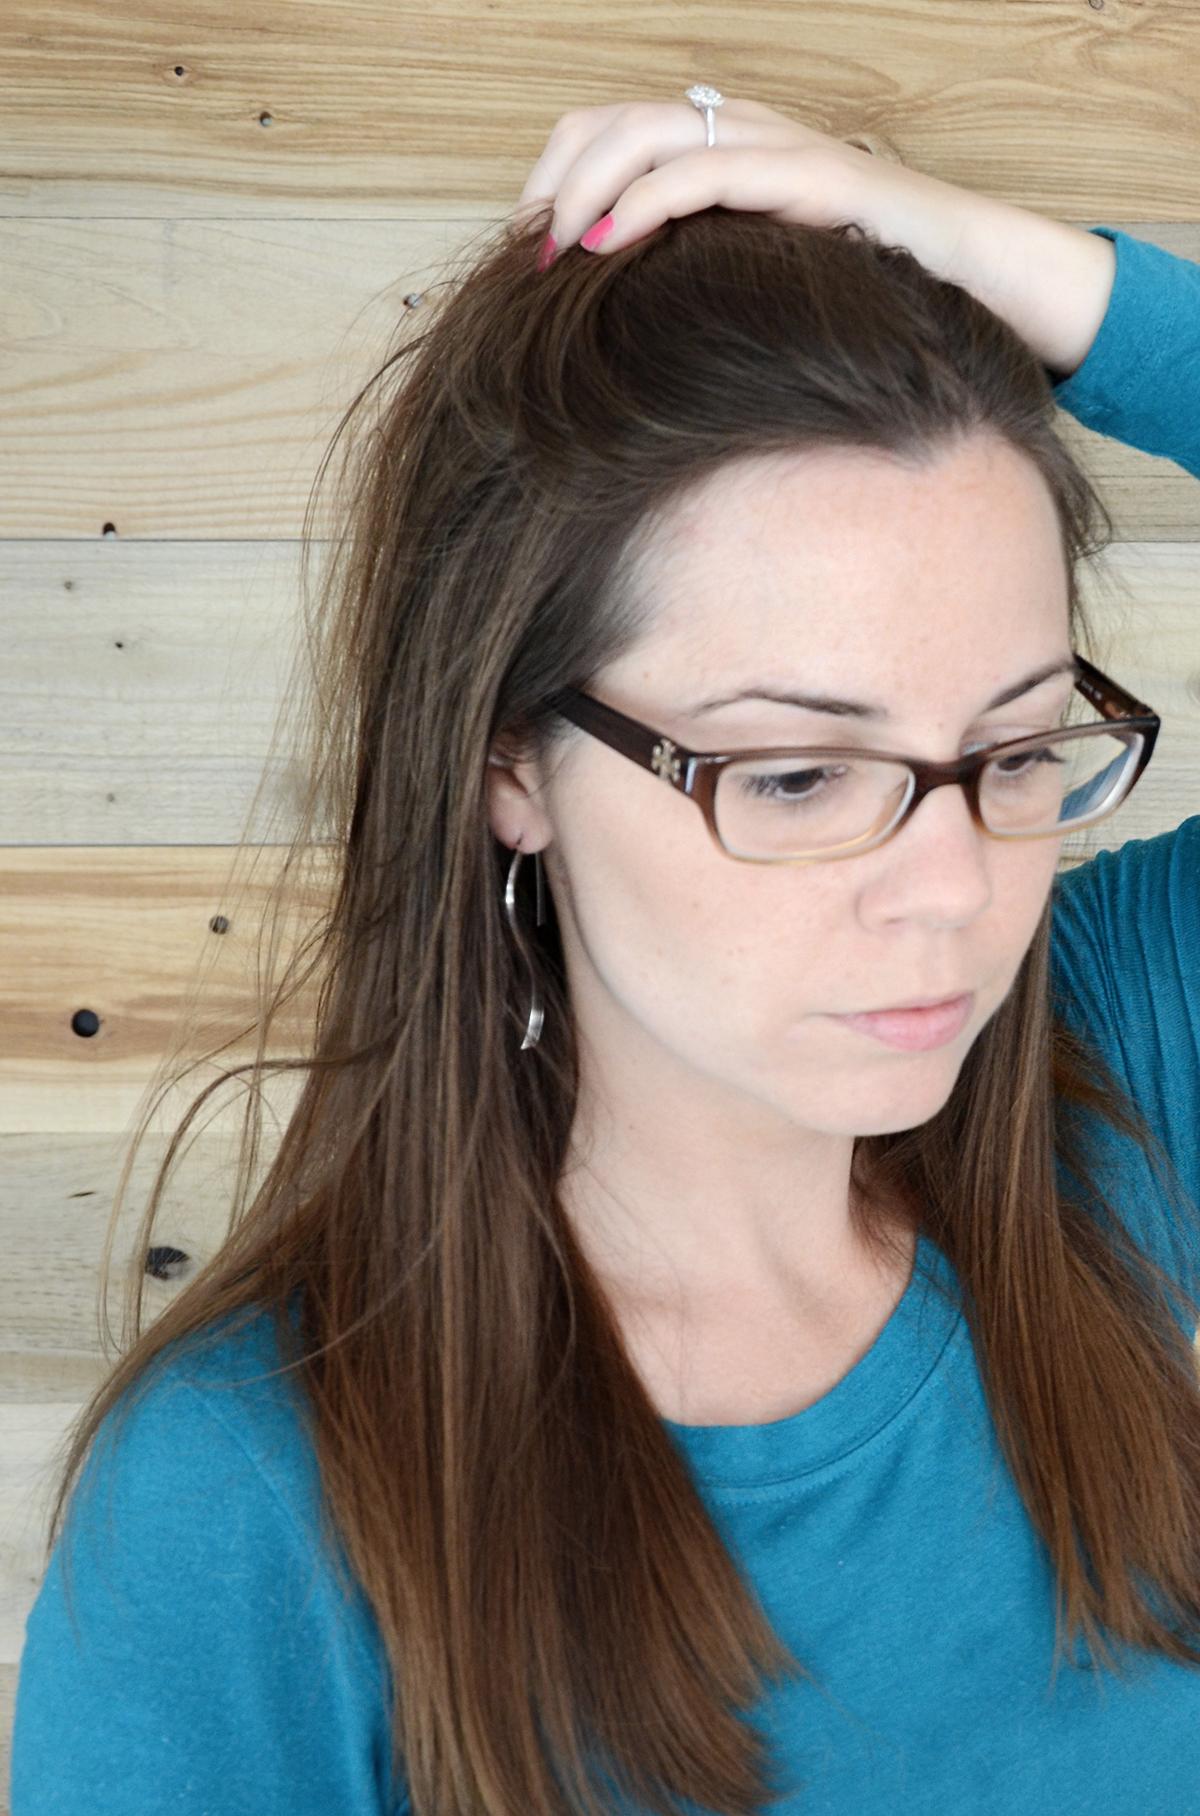 Diy natural hair moisturizer 7